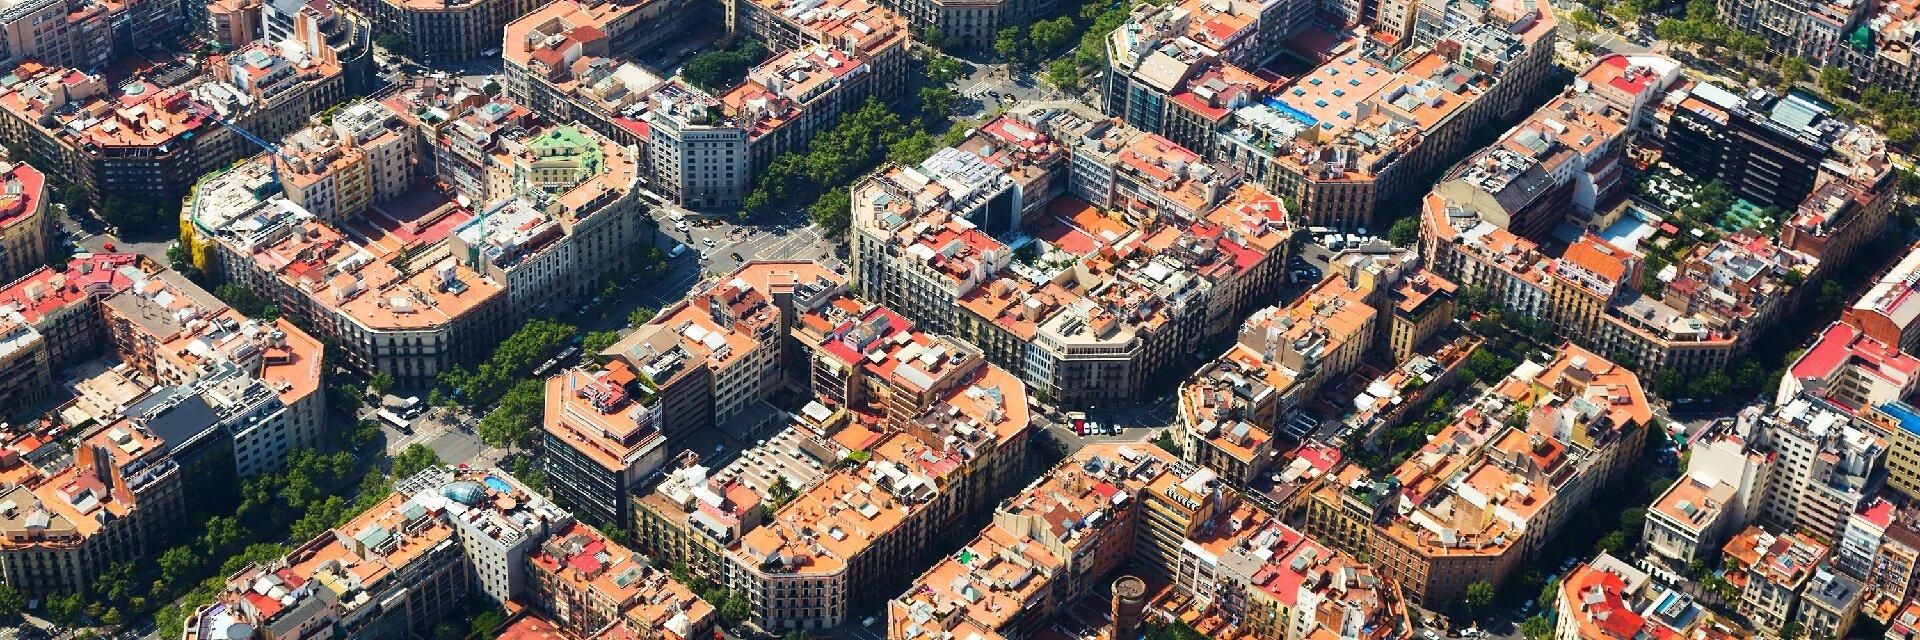 Поиск отелей в Барселоне